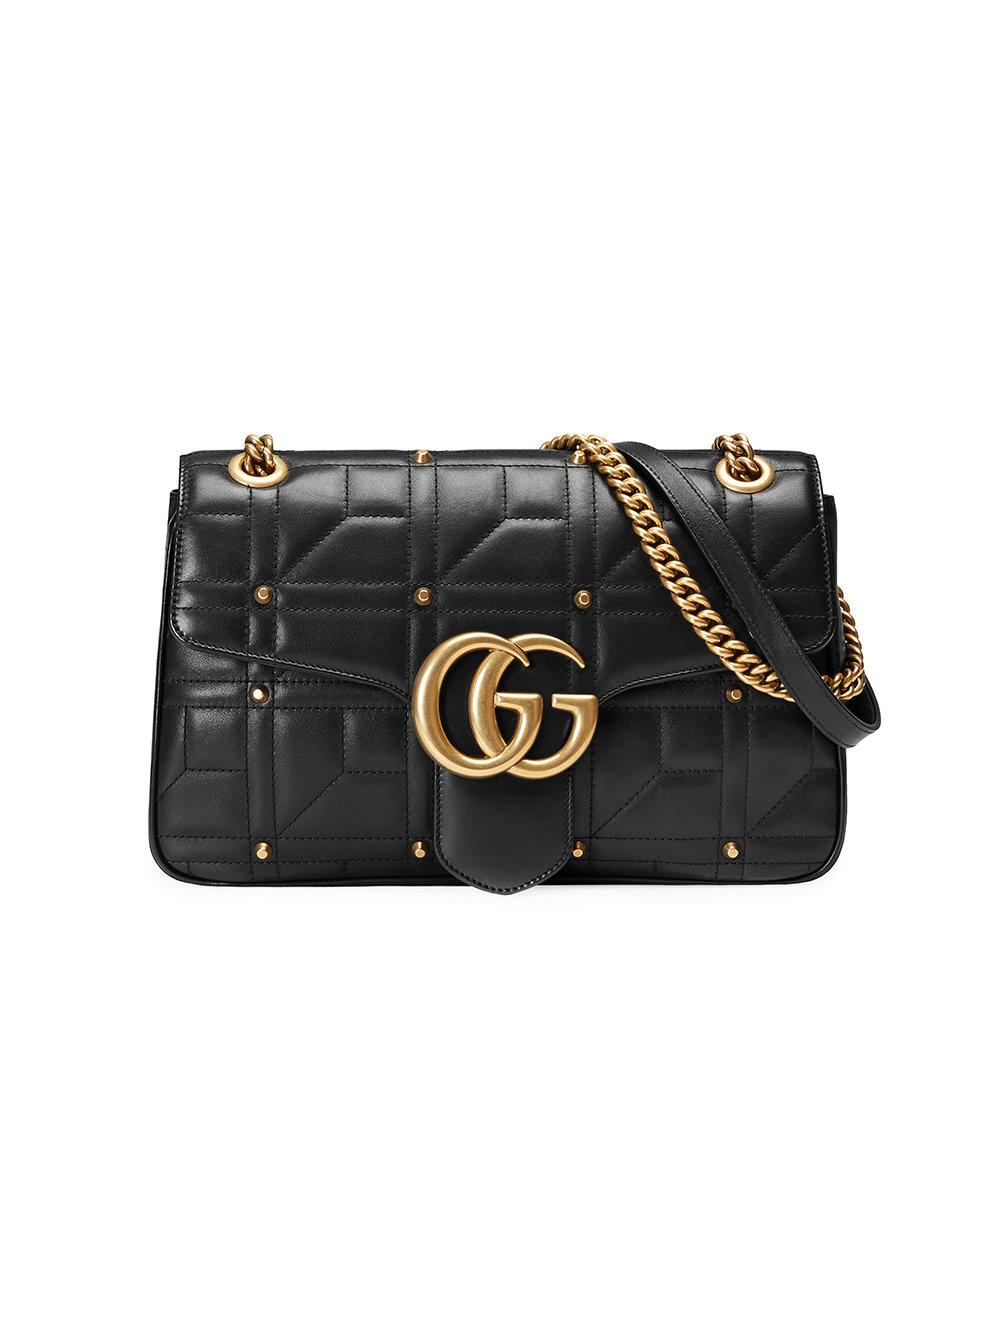 Gucci GG Marmont Matelassé Shoulder Bag Dusty Pink - A